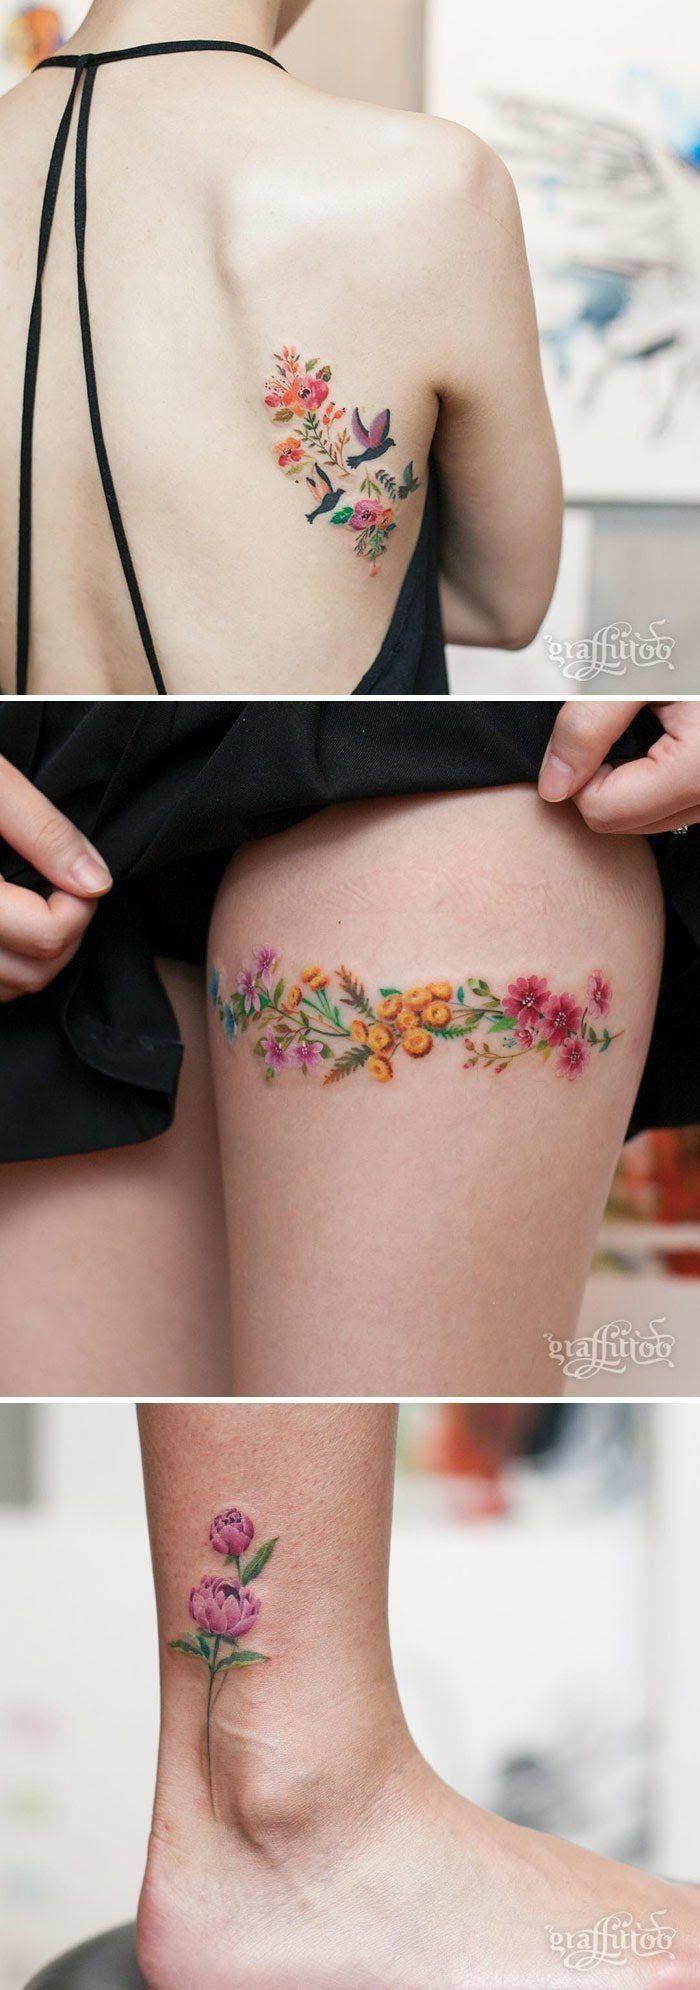 tatuaje espalda, tatuajes para mujer minimalistas, flores de olor con efecto acuarela, tatuajes en la cadera,. el tobillo y la espalda